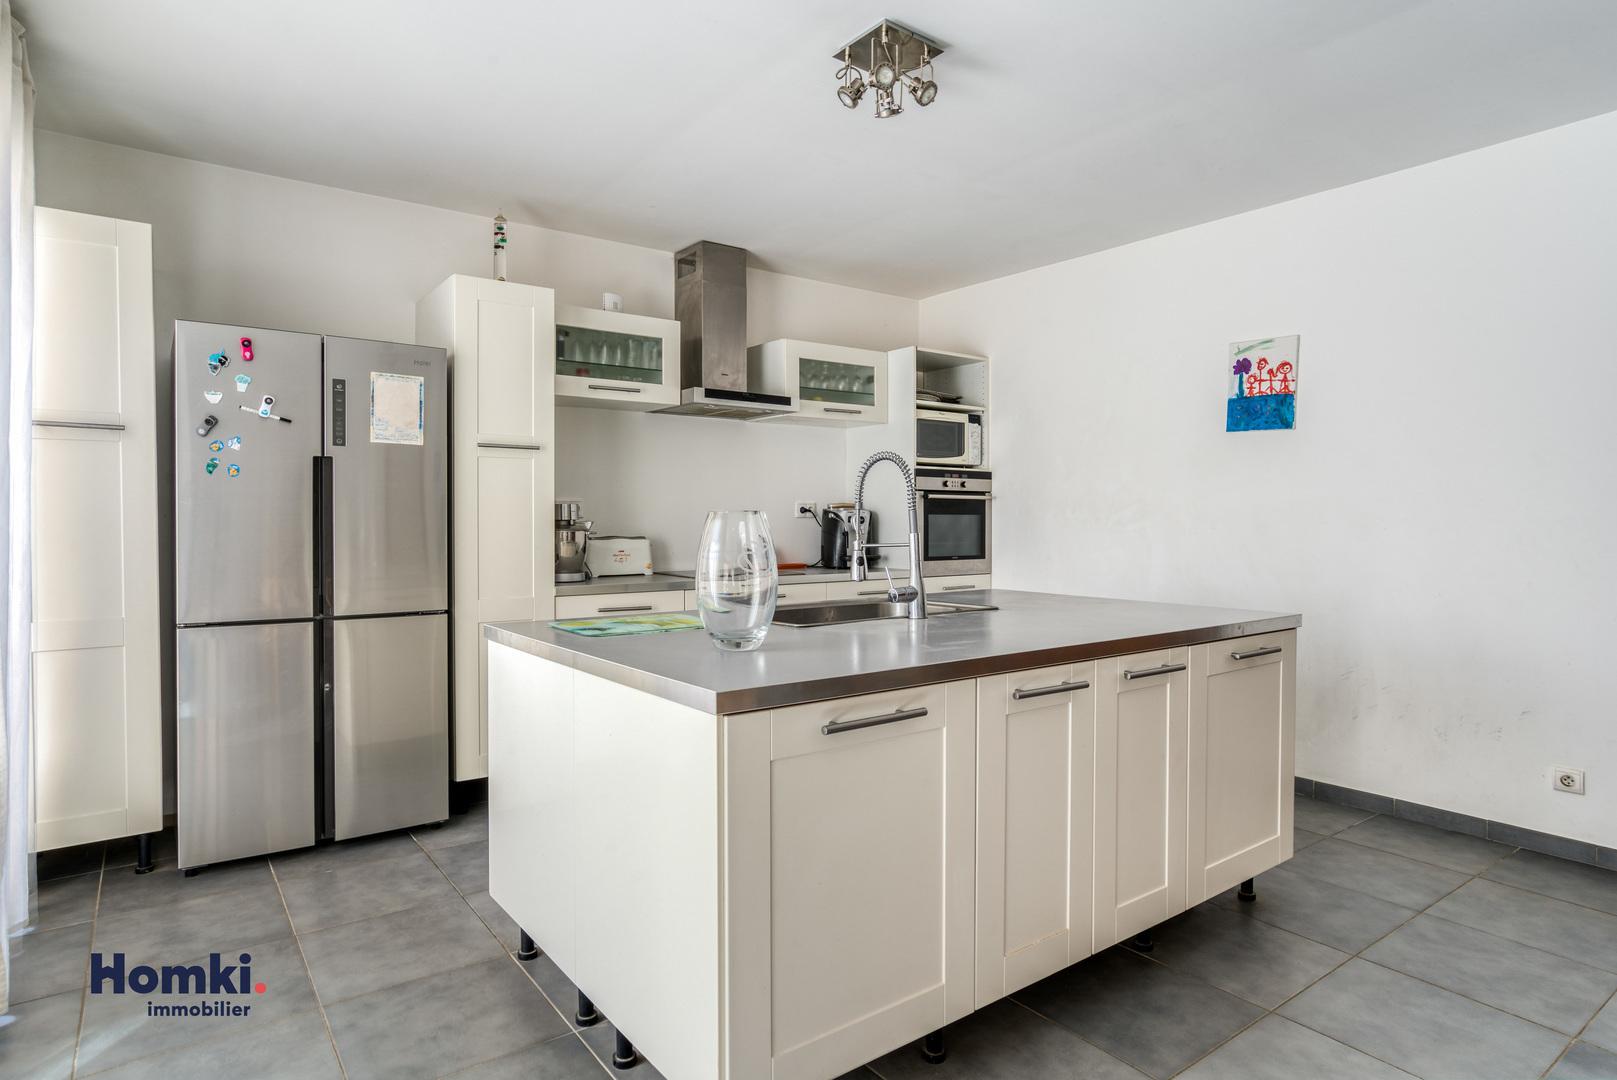 Vente maison 122m² T4 13009_3